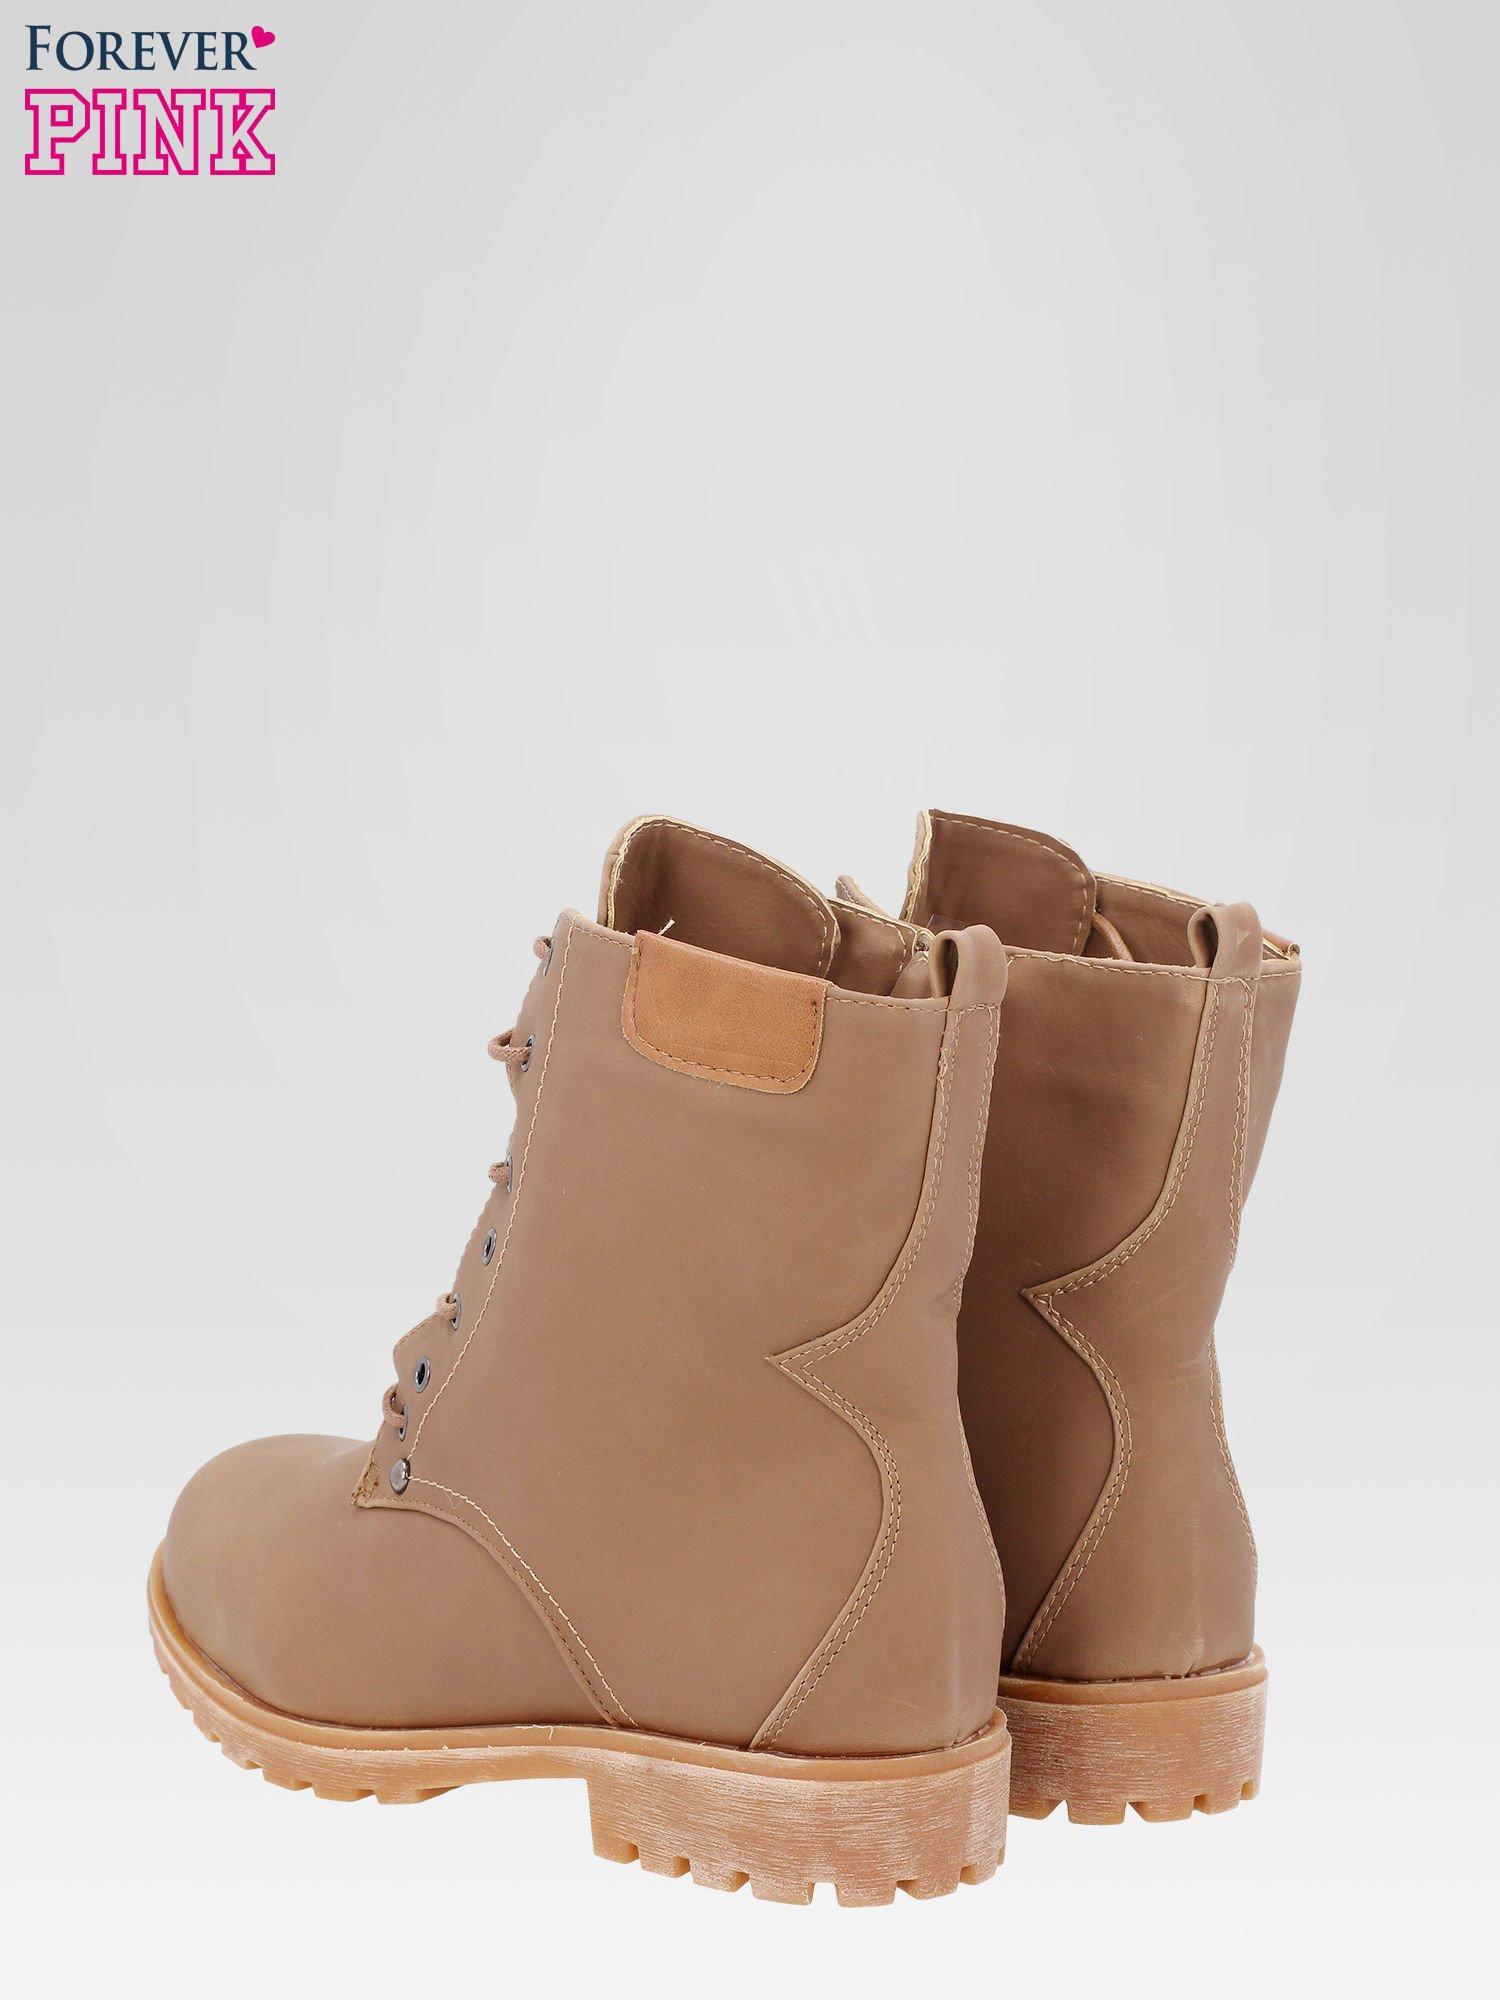 Brązowe damskie buty trekkingowe typu traperki                                  zdj.                                  5